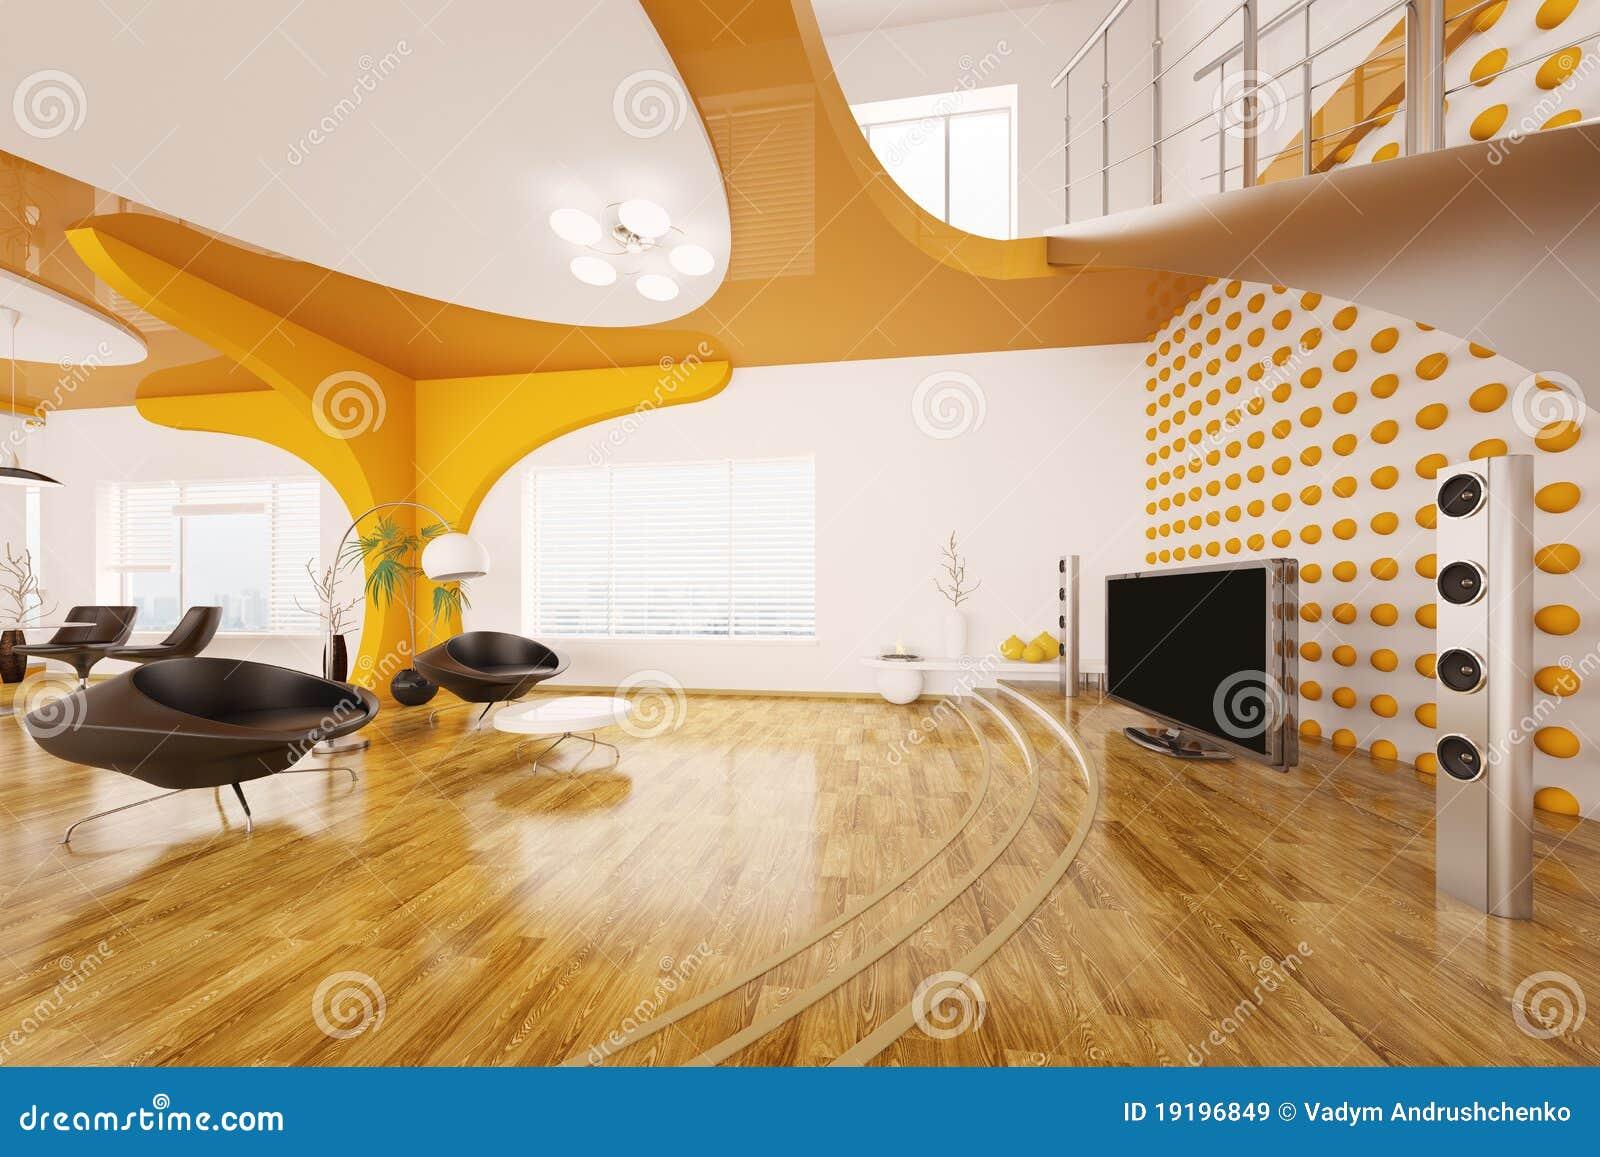 Modern interior design of living room 3d render royalty for 3d room builder free